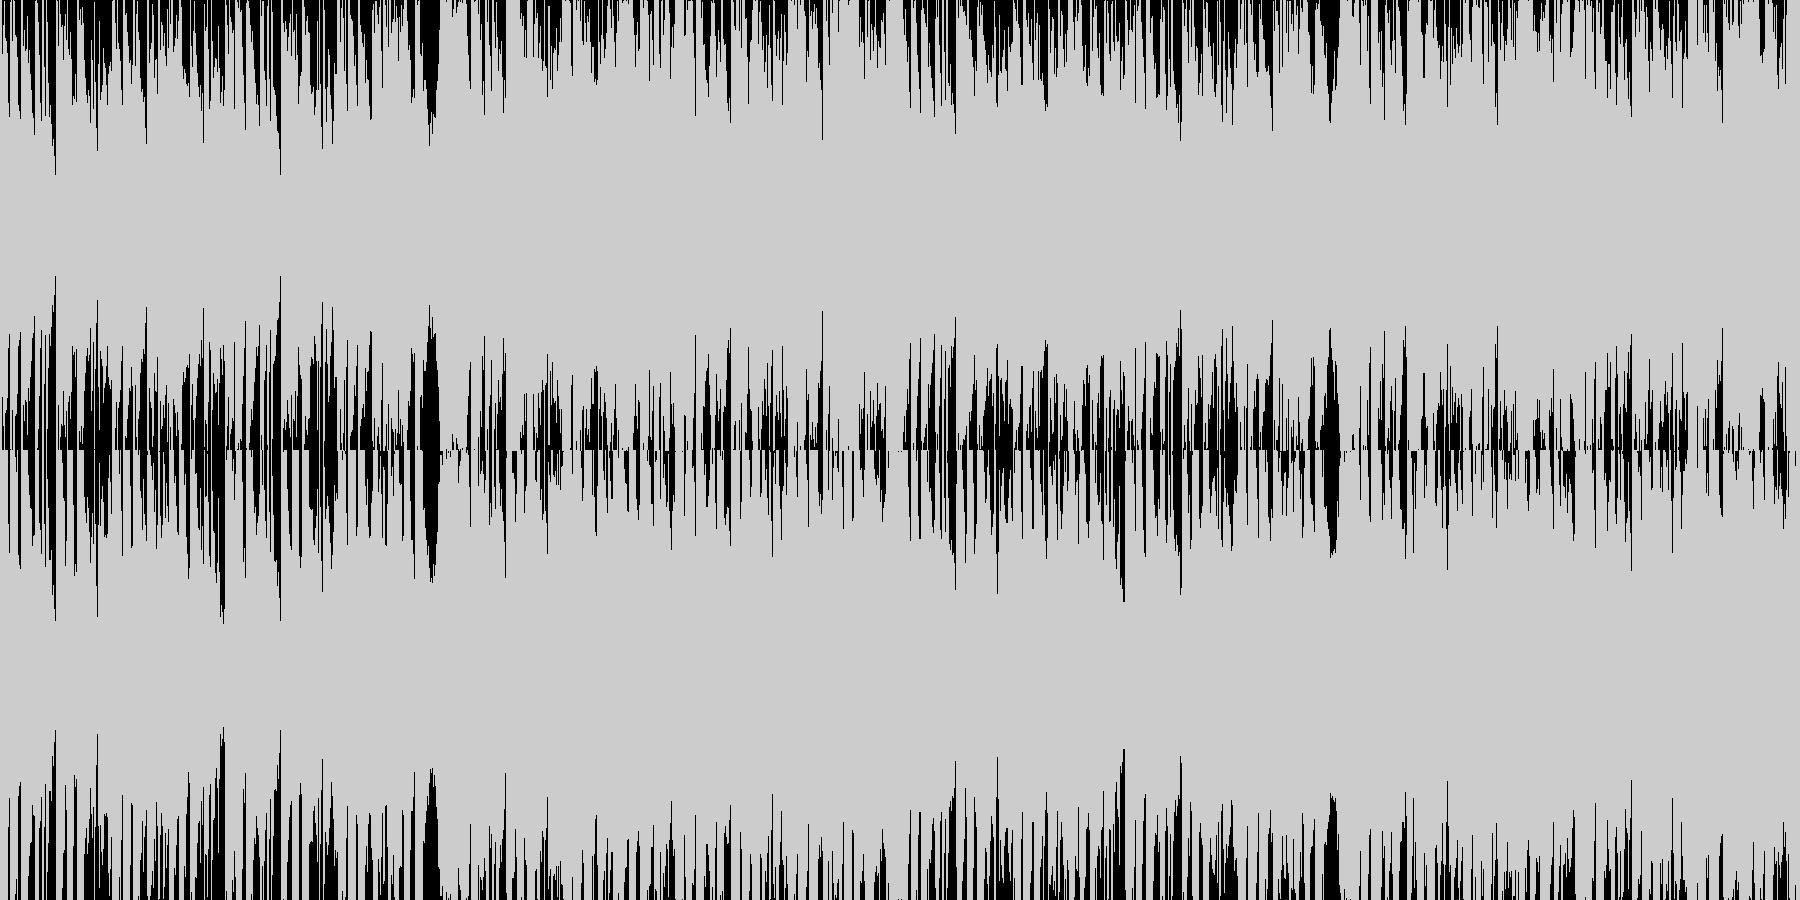 勇者を連想させるオーケストラBGMの未再生の波形